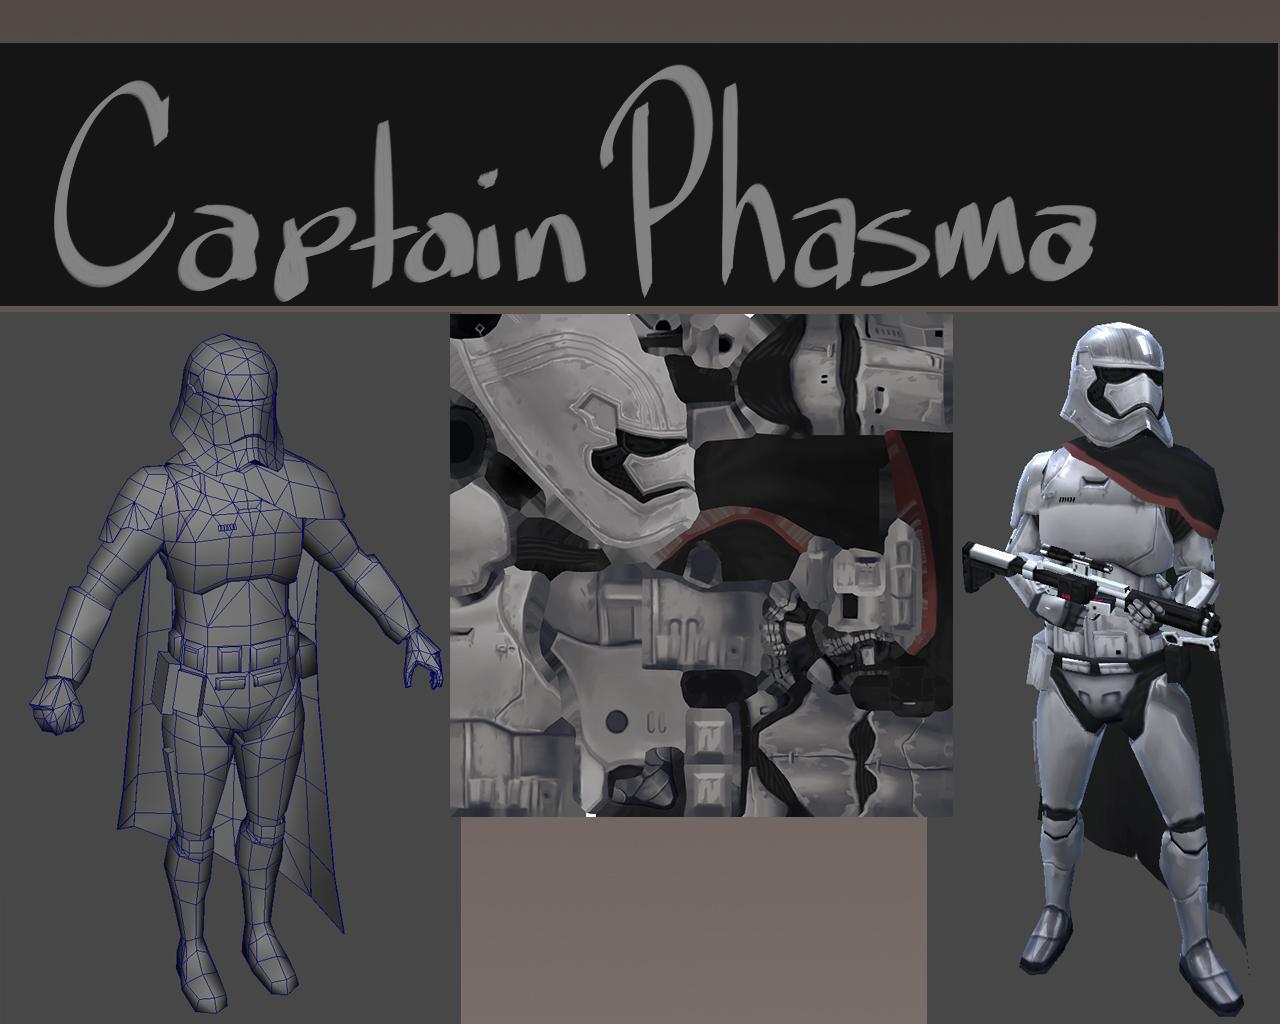 phasma_3d.jpg